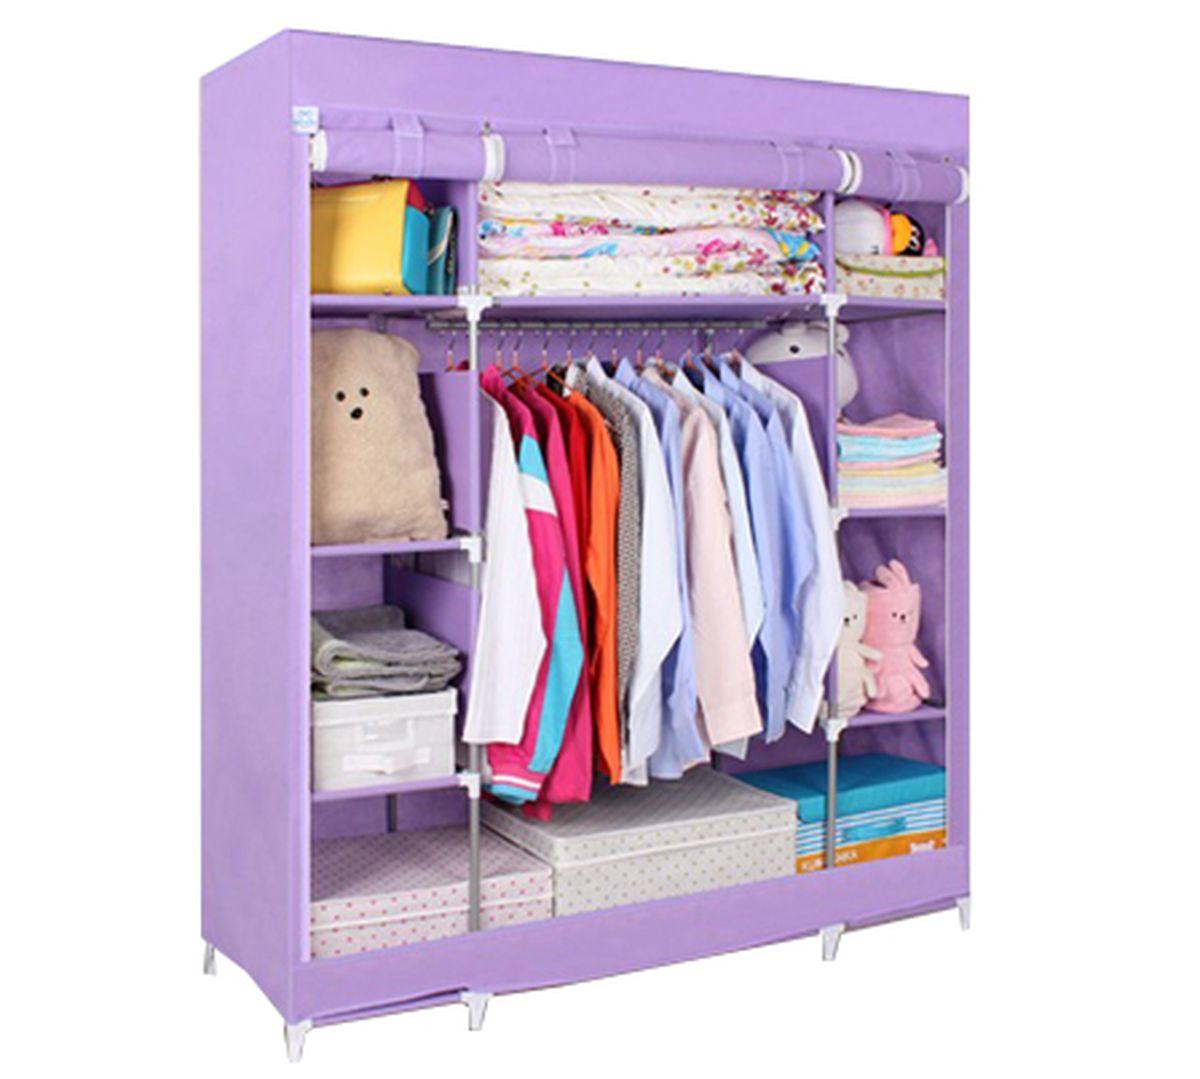 Шкаф Homsu Маджорити, цвет: фиолетовый, 140 x 50 x 175 смHOM-110Шкаф Homsu Маджорити выполнен из текстиля. Сборная конструкция такого шкафа состоит из металлических деталей каркаса, обтянутых сверху прочной и легкой тканью. Этот шкаф предназначен в создании полноценного порядка. Изделие имеет 8 полок для складывания одежды 35 х 50 см и один большой 70 х 50 см отделениями, а также отделению для подвешивания одежды высотой 120 см и шириной 70 см. Кроме своей большой практичной пользы, данный мебельный предмет также сможет очень выгодно дополнить имеющийся интерьер в помещении. Верхняя тканевая обивка, при этом, всегда может быть легко и быстро снята, если ее необходимо будет постирать или заменить.